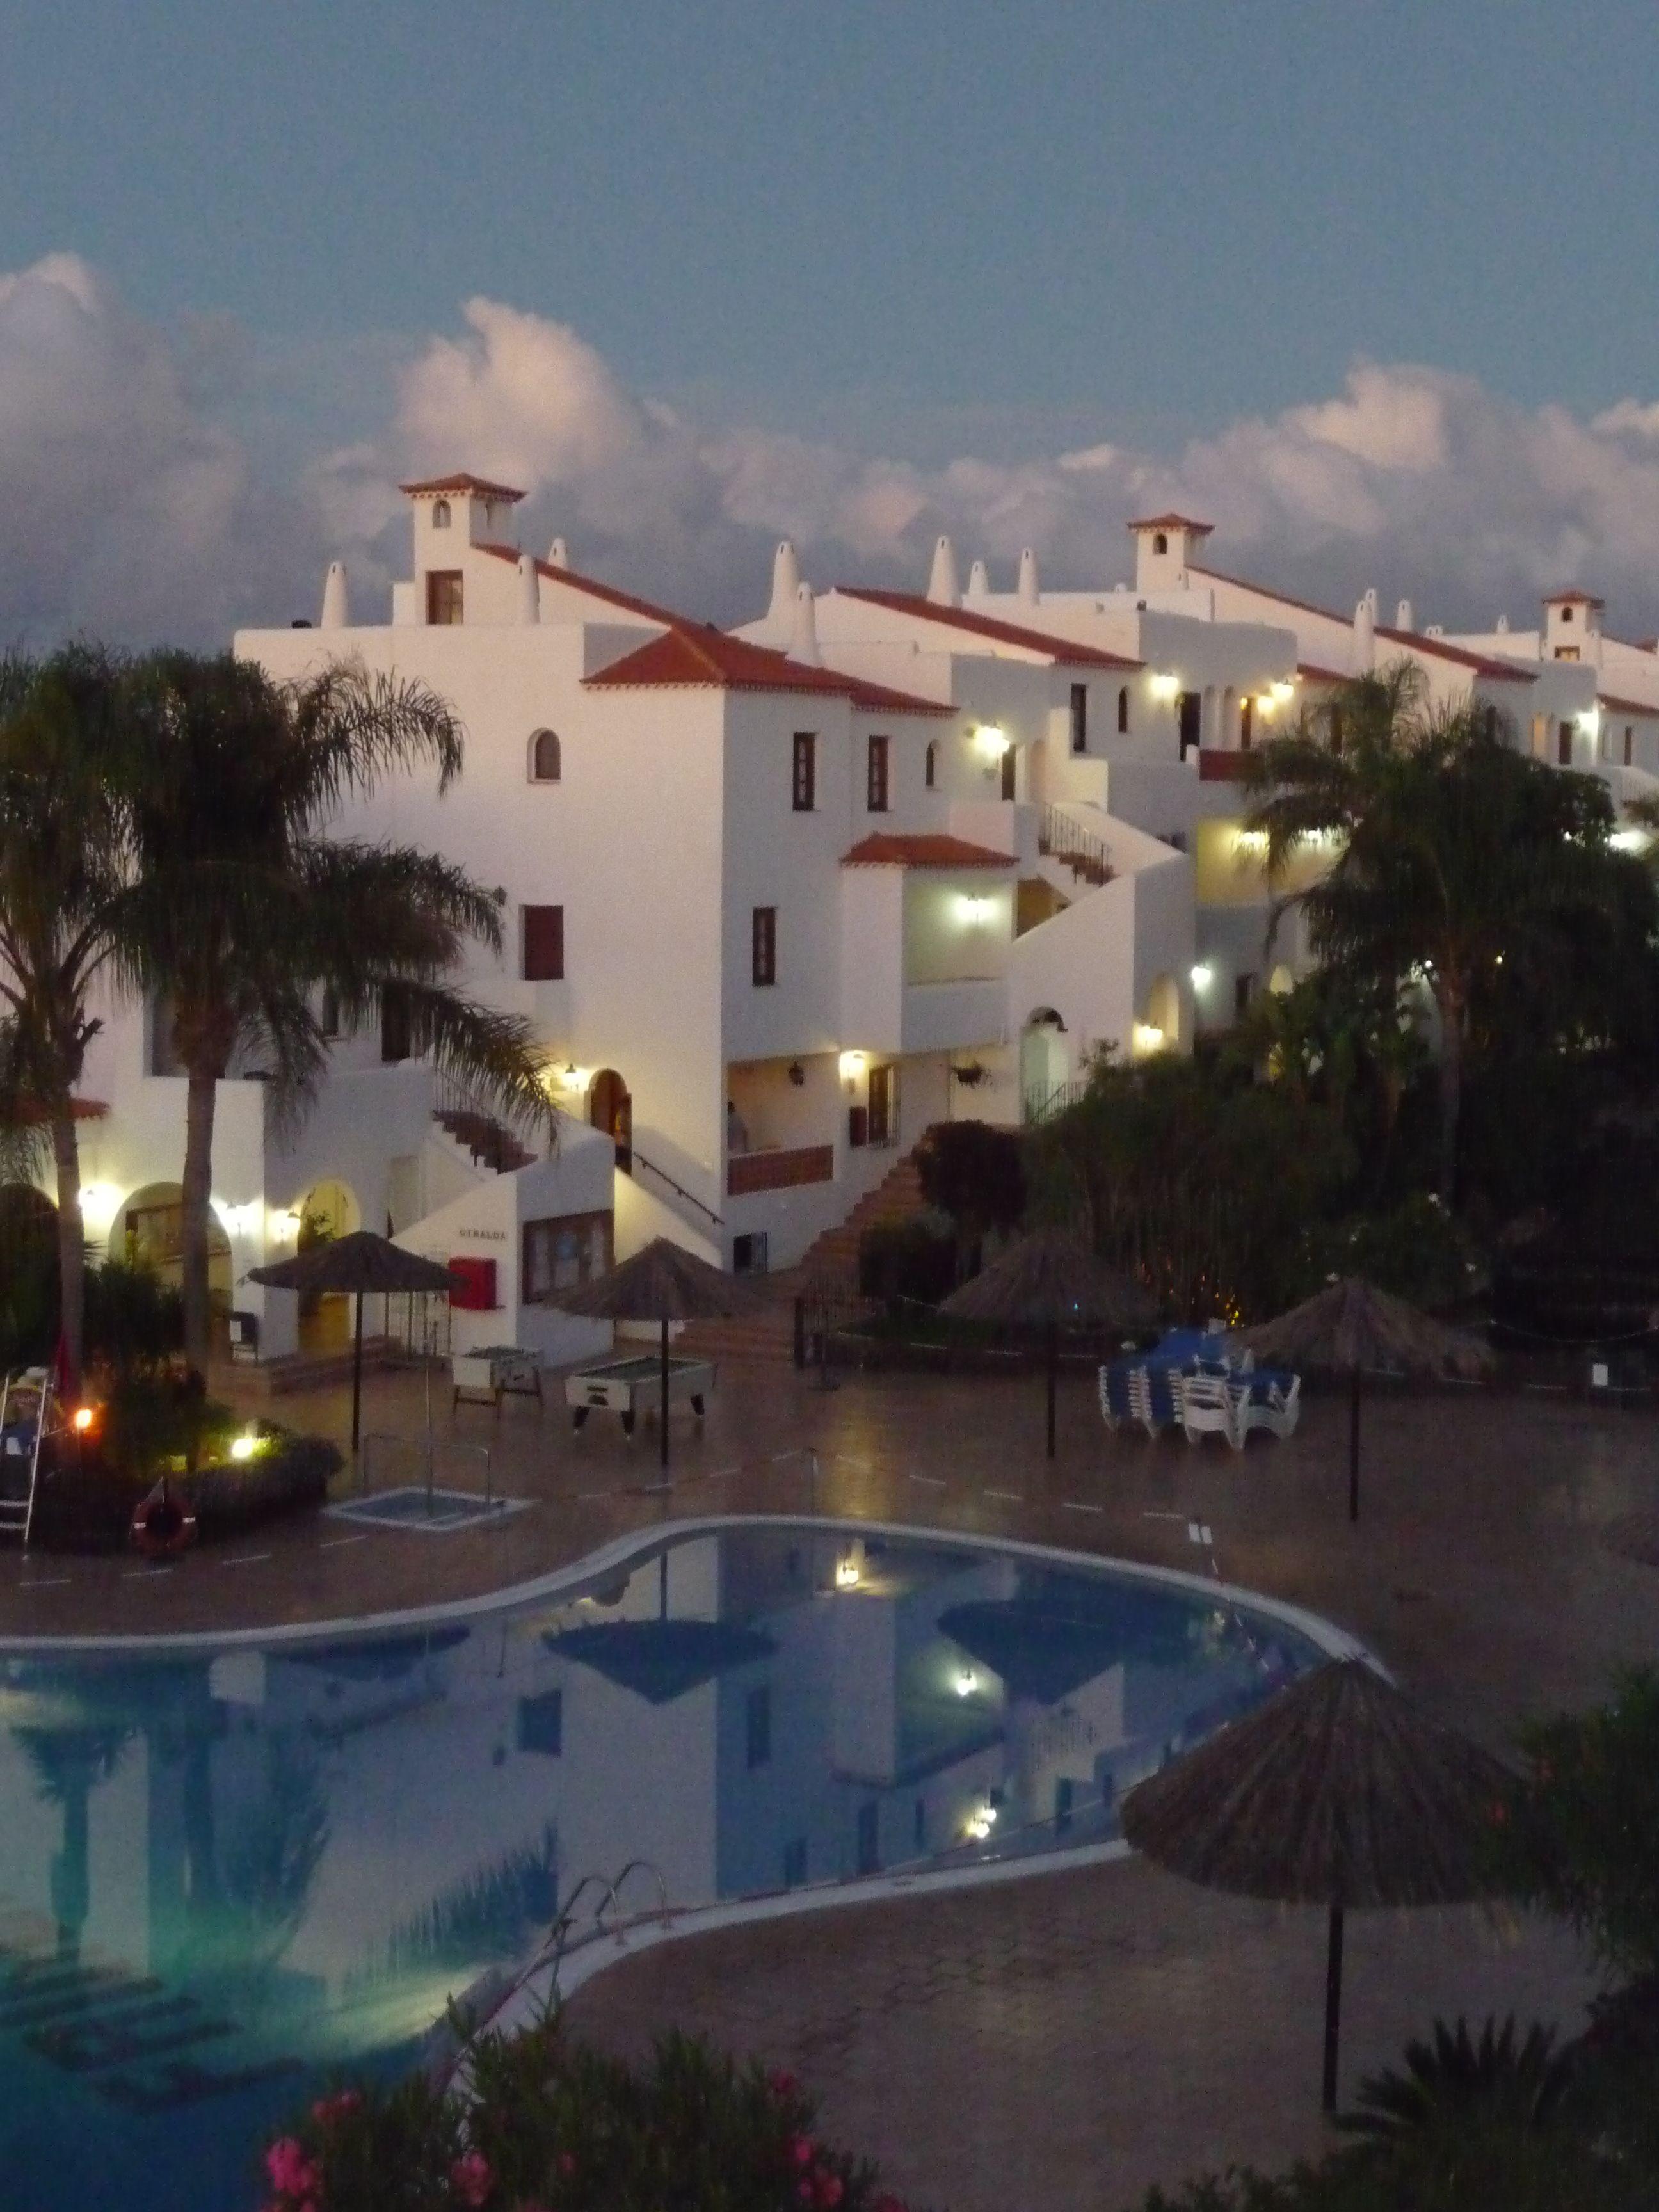 Tenerife, apartment block